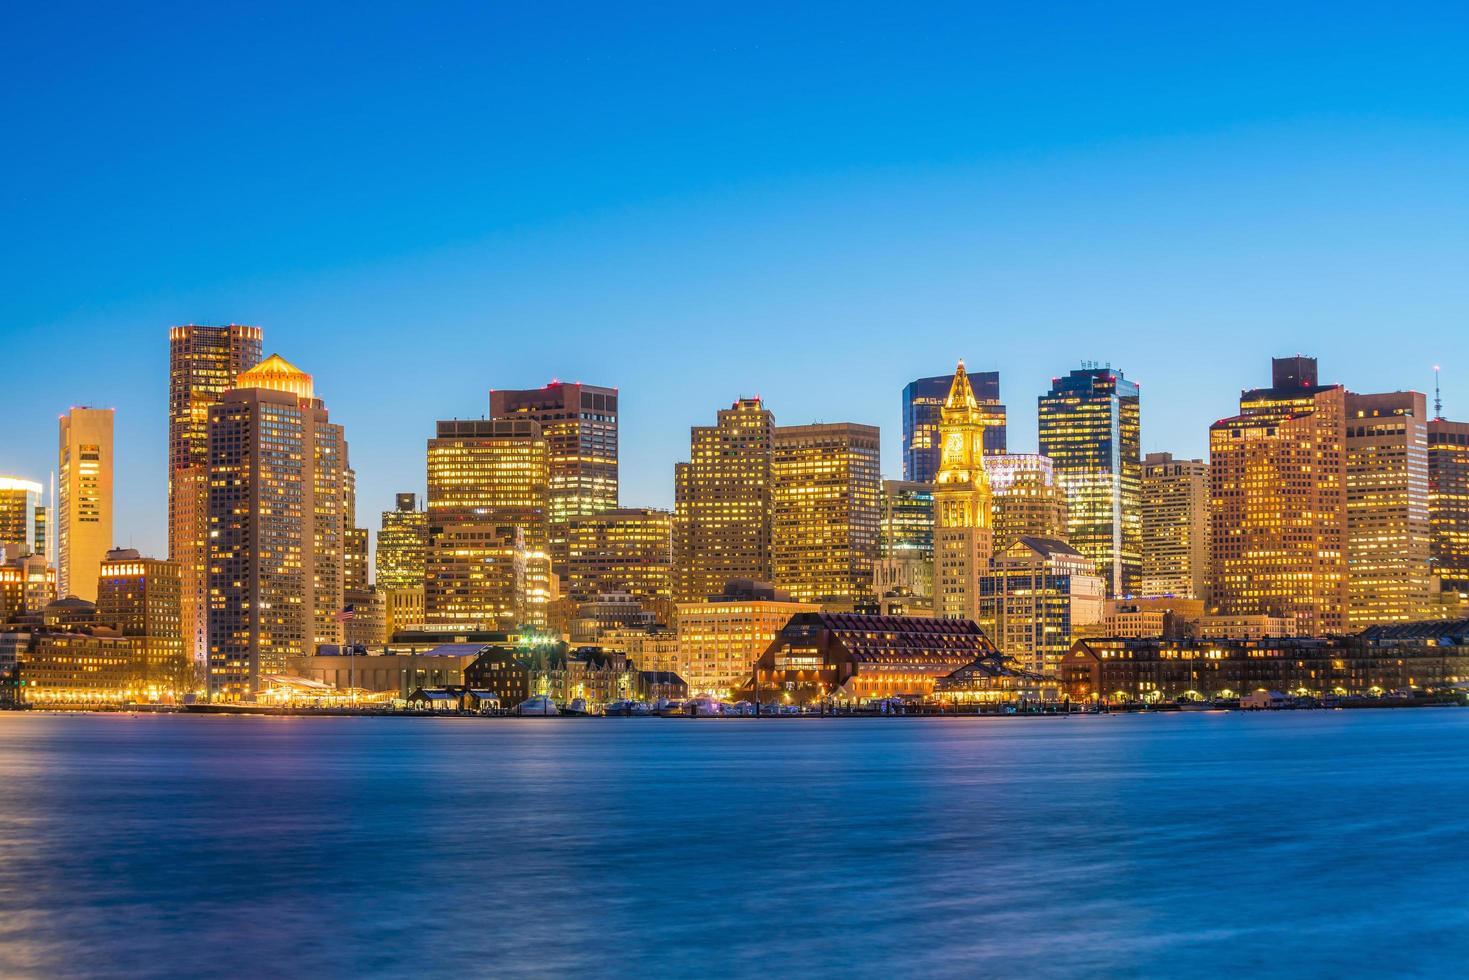 panoramautsikt över boston skyline med skyskrapor i skymningen i USA foto